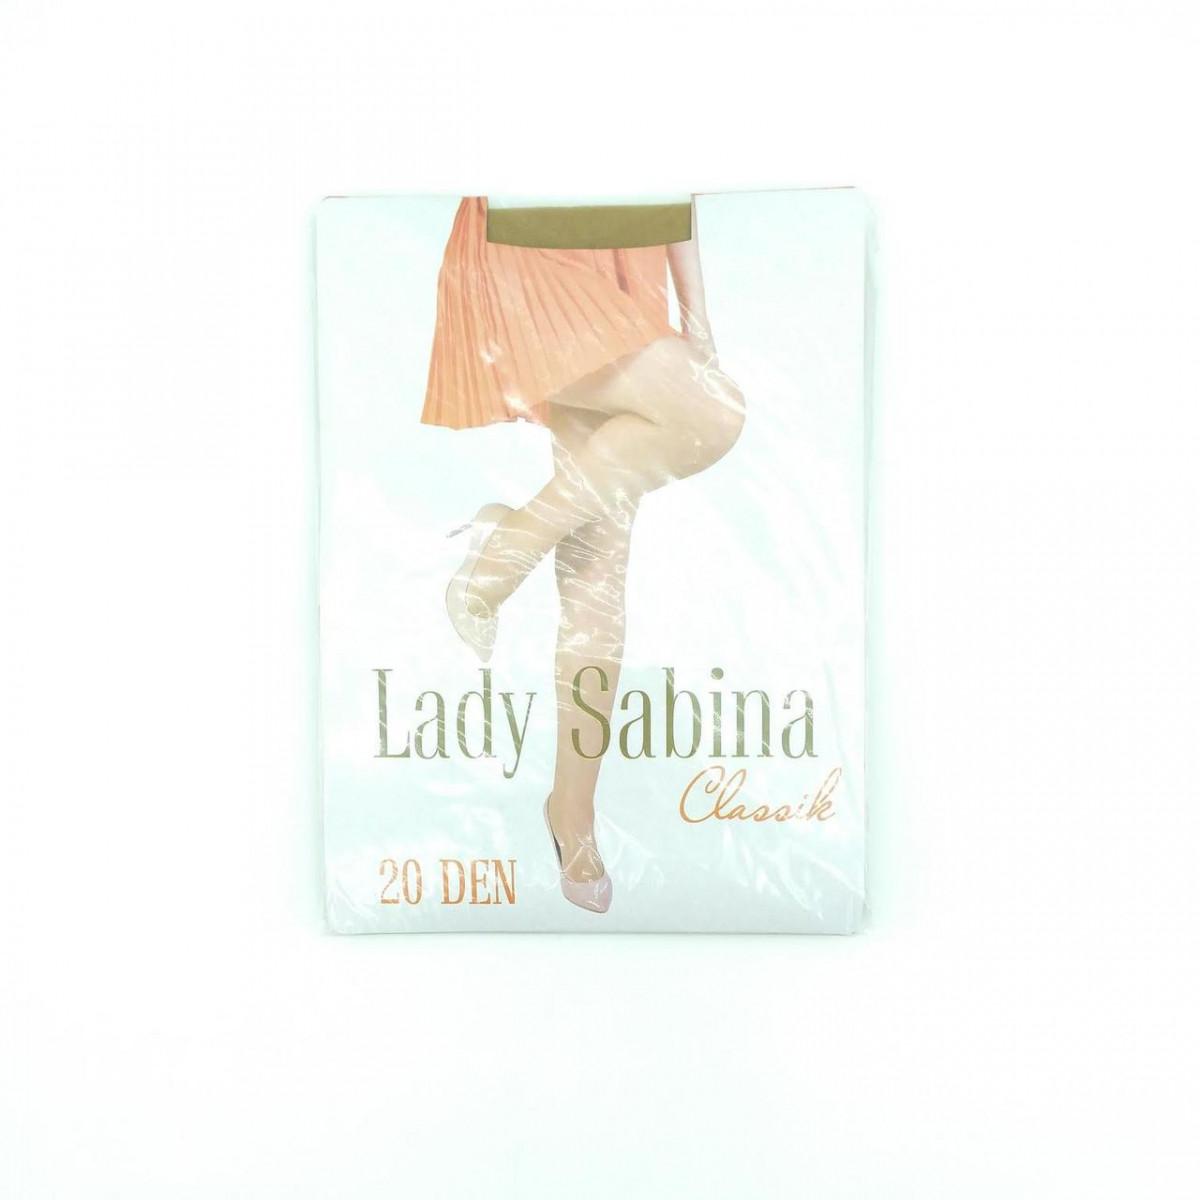 Колготки капроновые женские Lady Sabina, 20DEN, классика, размер 6, бежевые, 20024789